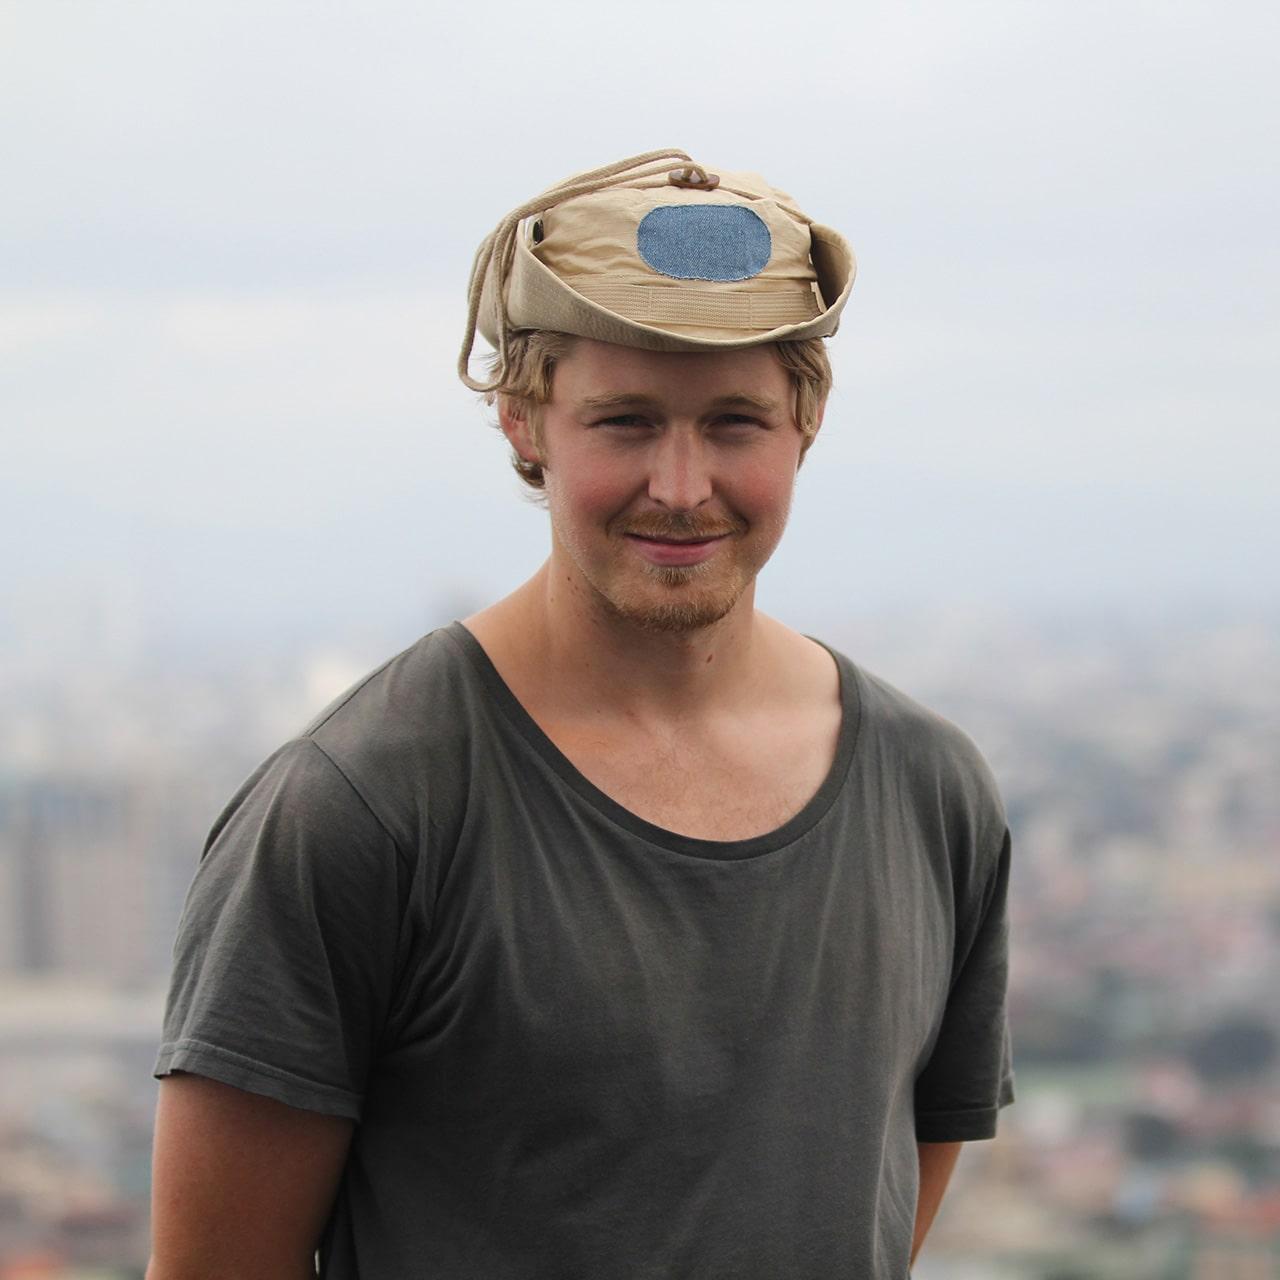 Mikkel Cantzler Christensen